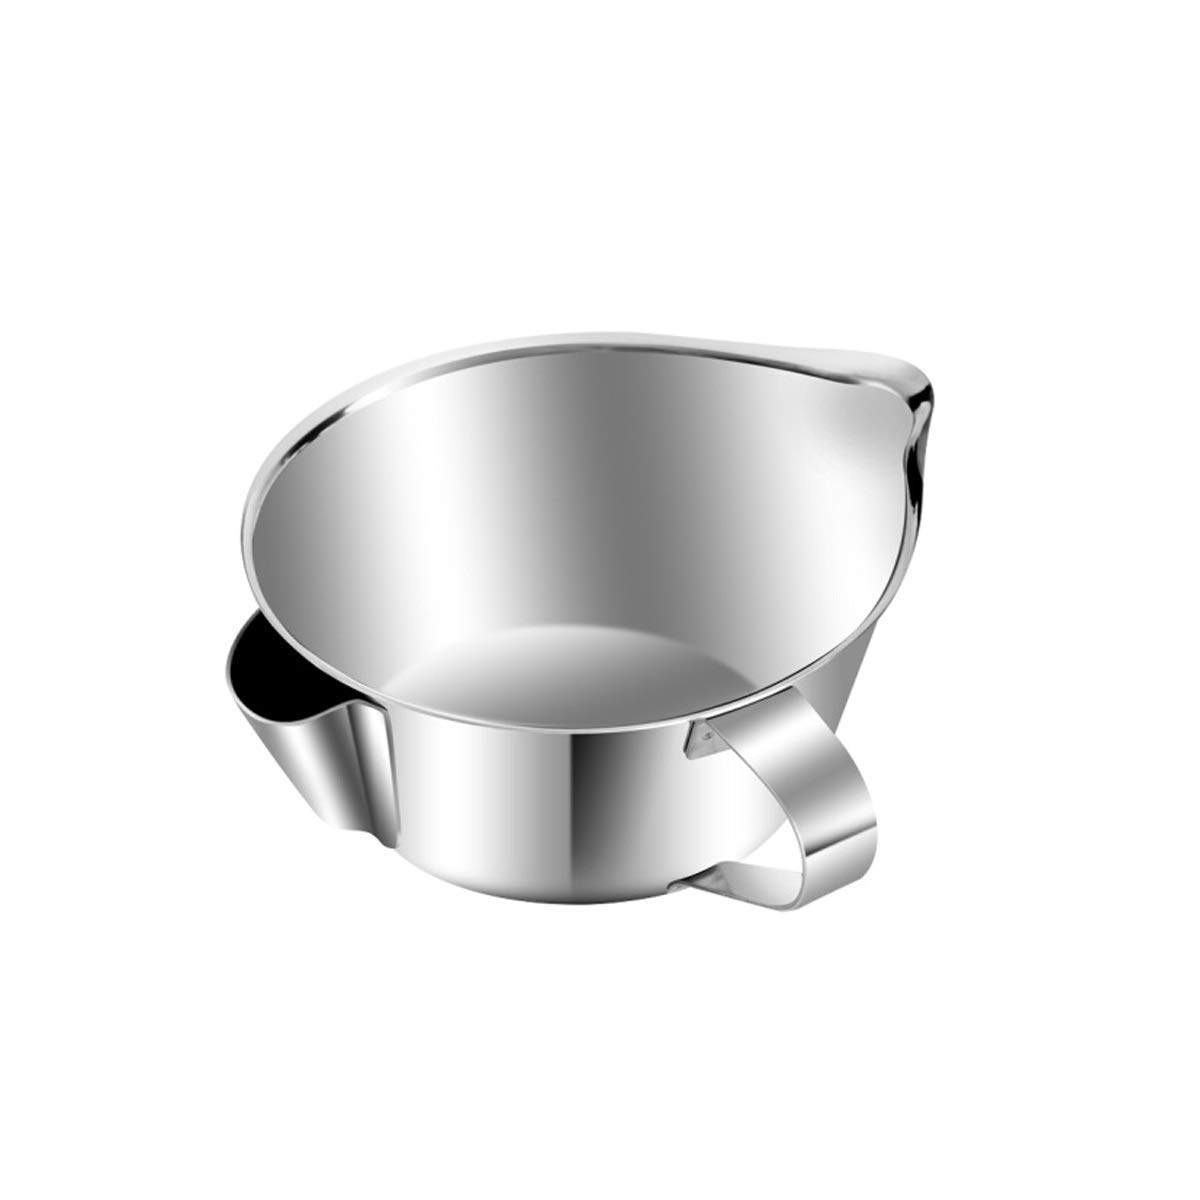 HENGTONGTONGXUN 304 Stainless Steel Oil can Oil Filter Kitchen Household Oil Separation Bowl Oil Plug (Capacity : 470ml) by HENGTONGTONGXUN